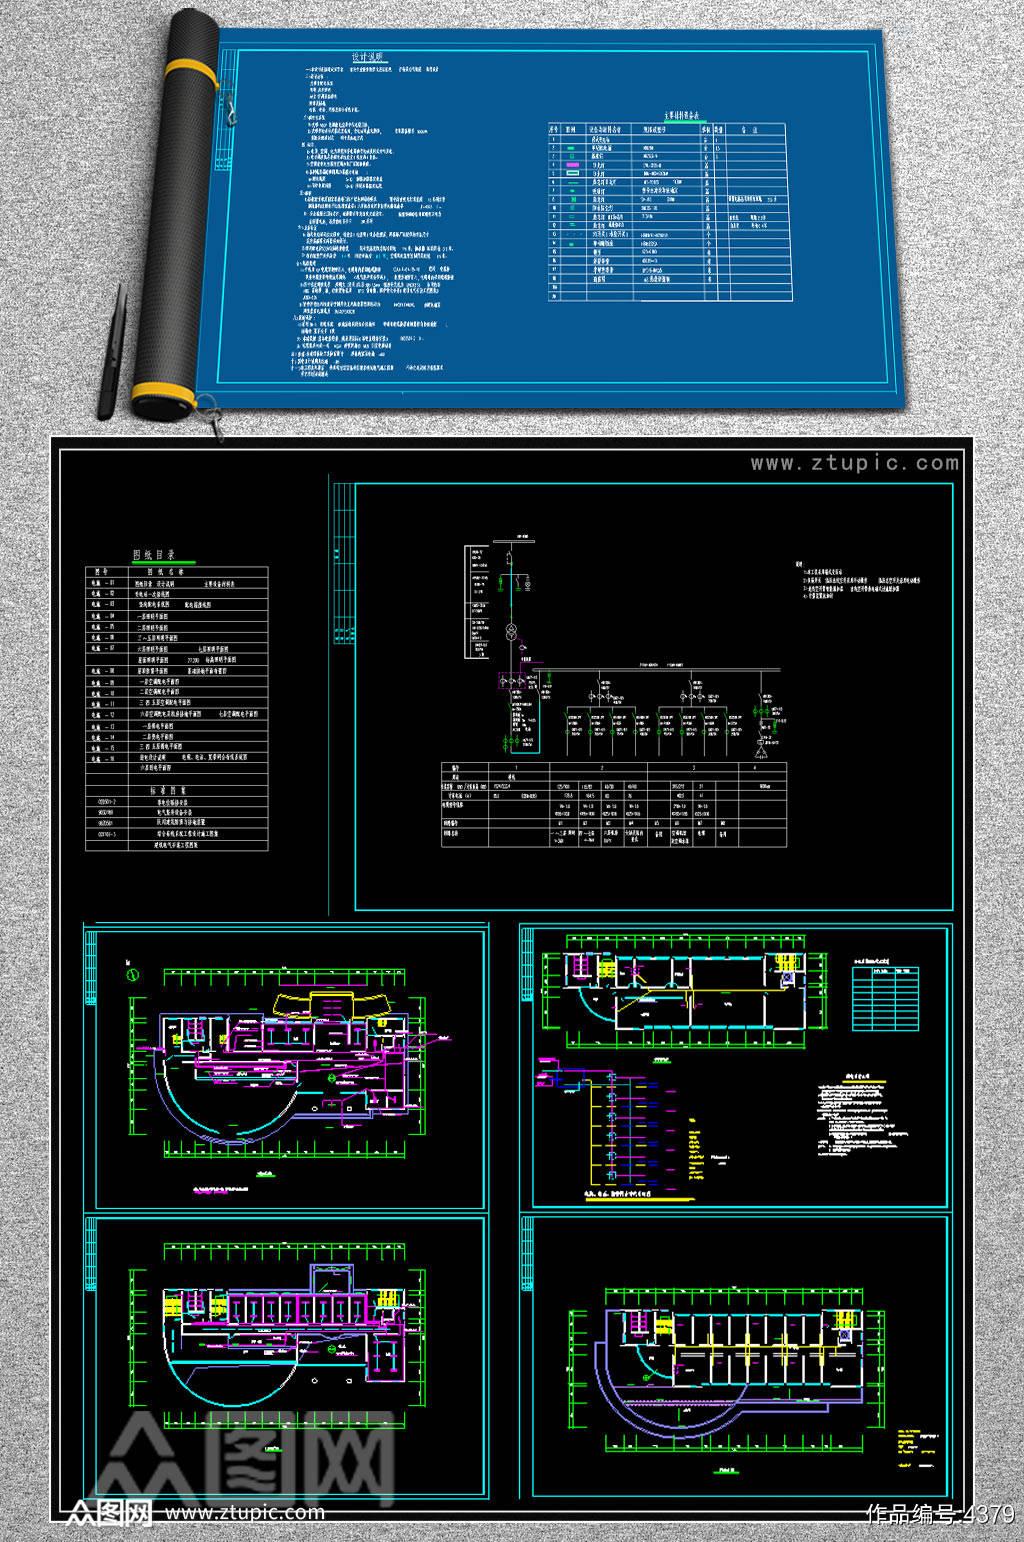 供电局电气CAD设计图素材